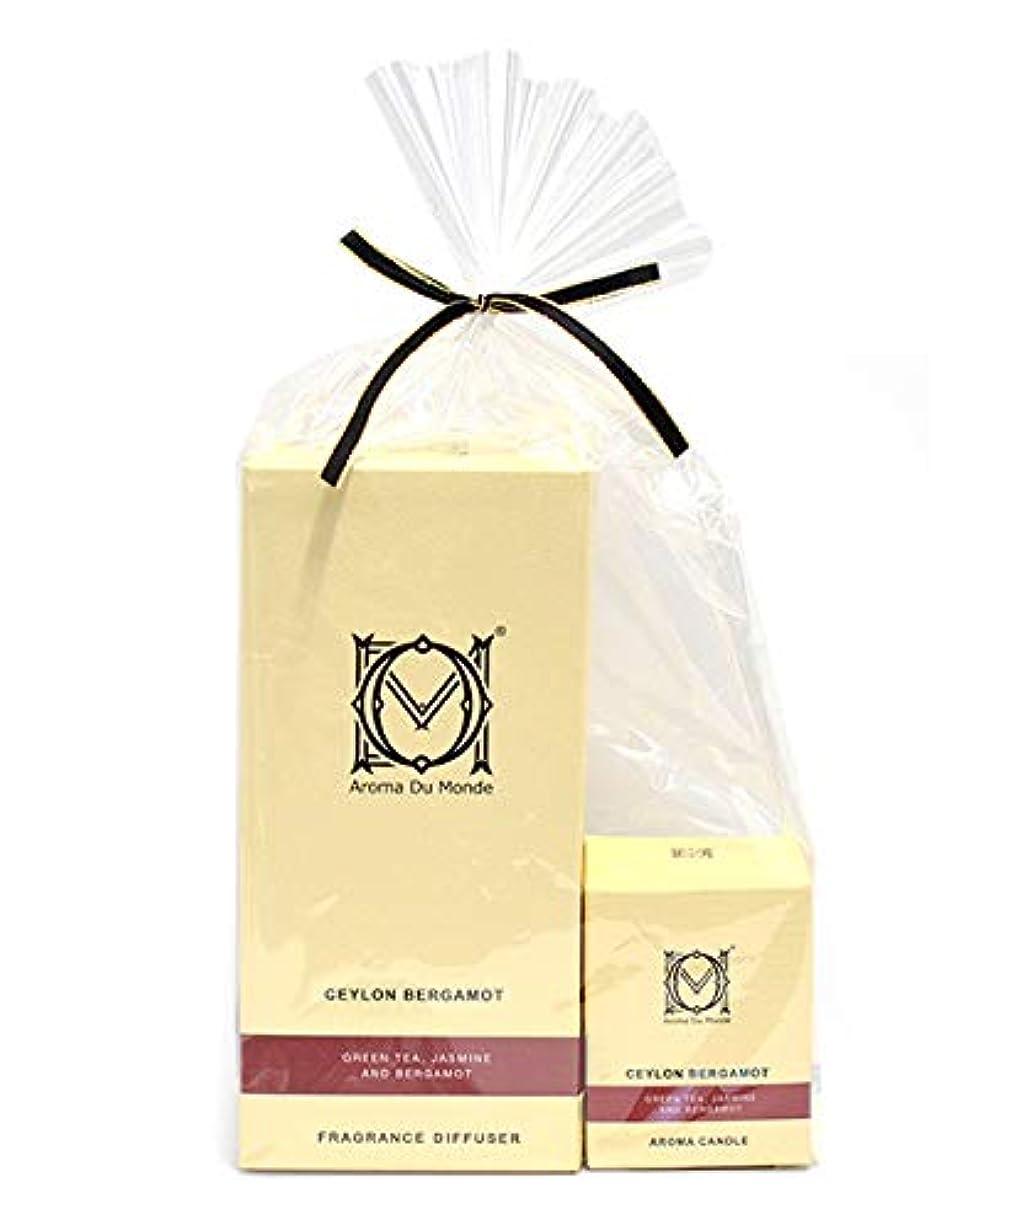 答え地平線変形フレグランスディフューザー&キャンドル セイロンベルガモット セット Aroma Du Monde/ADM Fragrance Diffuser & Candle Ceylon Bergamot Set 81156